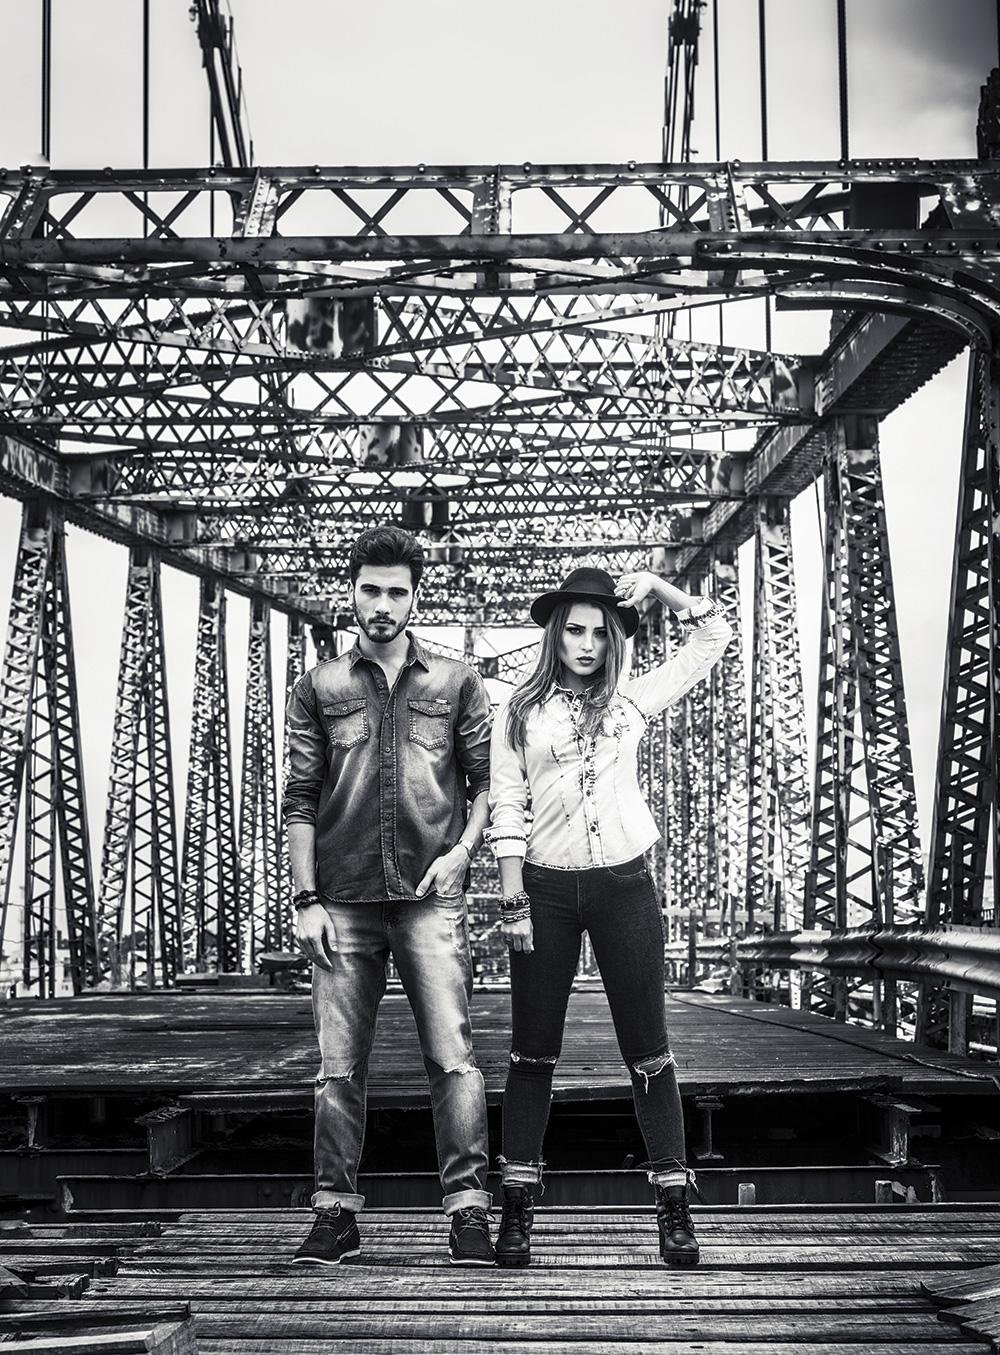 produção-de-moda-colecao-inverno-2016-gdoky-jeans-blog-ela-inspira-1